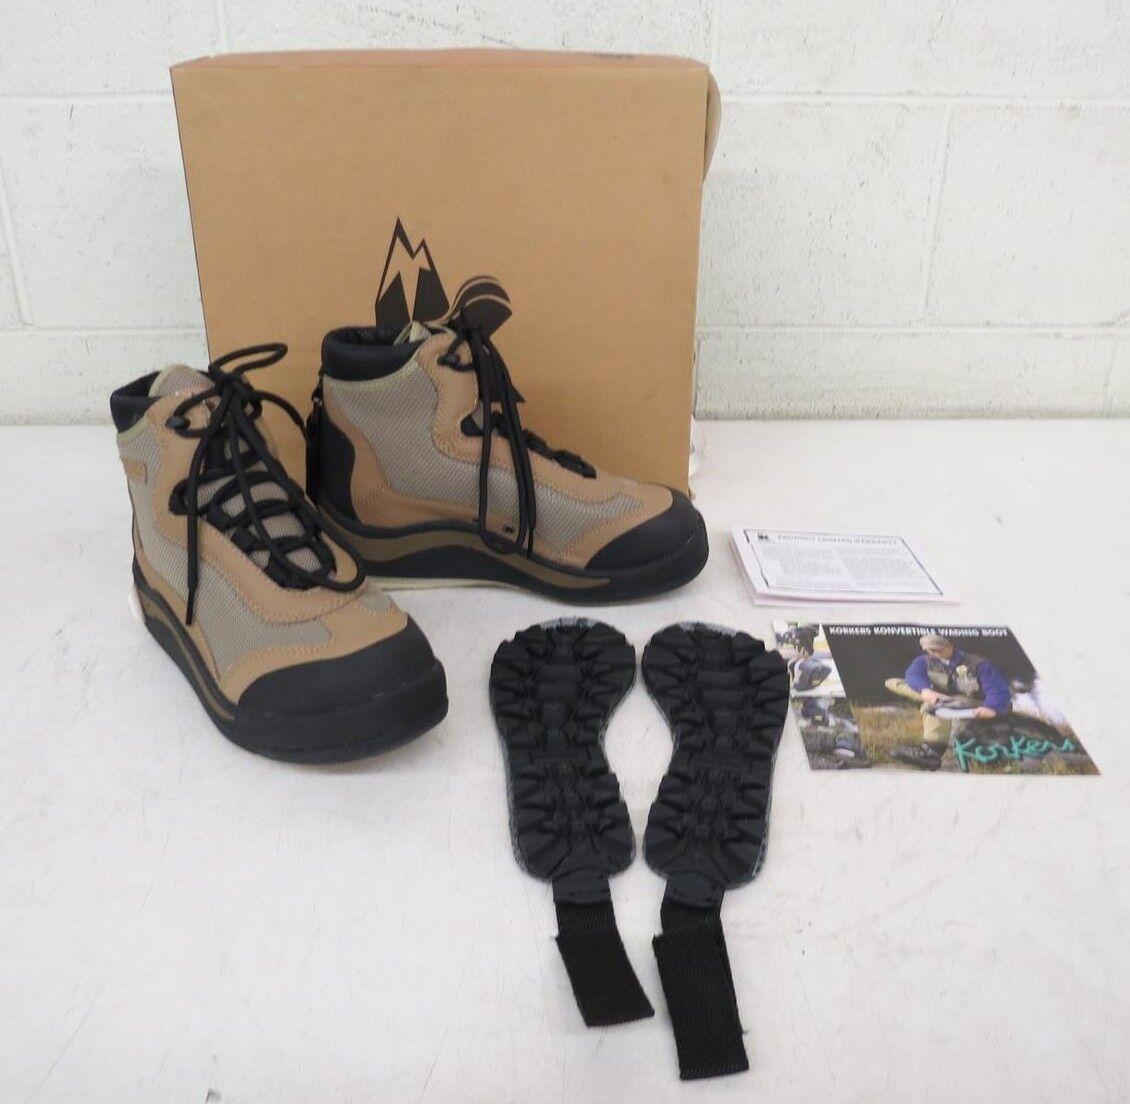 Korkers los humedales K7300 Konverdeible botas de vadeo nos suelas de goma Fieltro 5 Nuevo